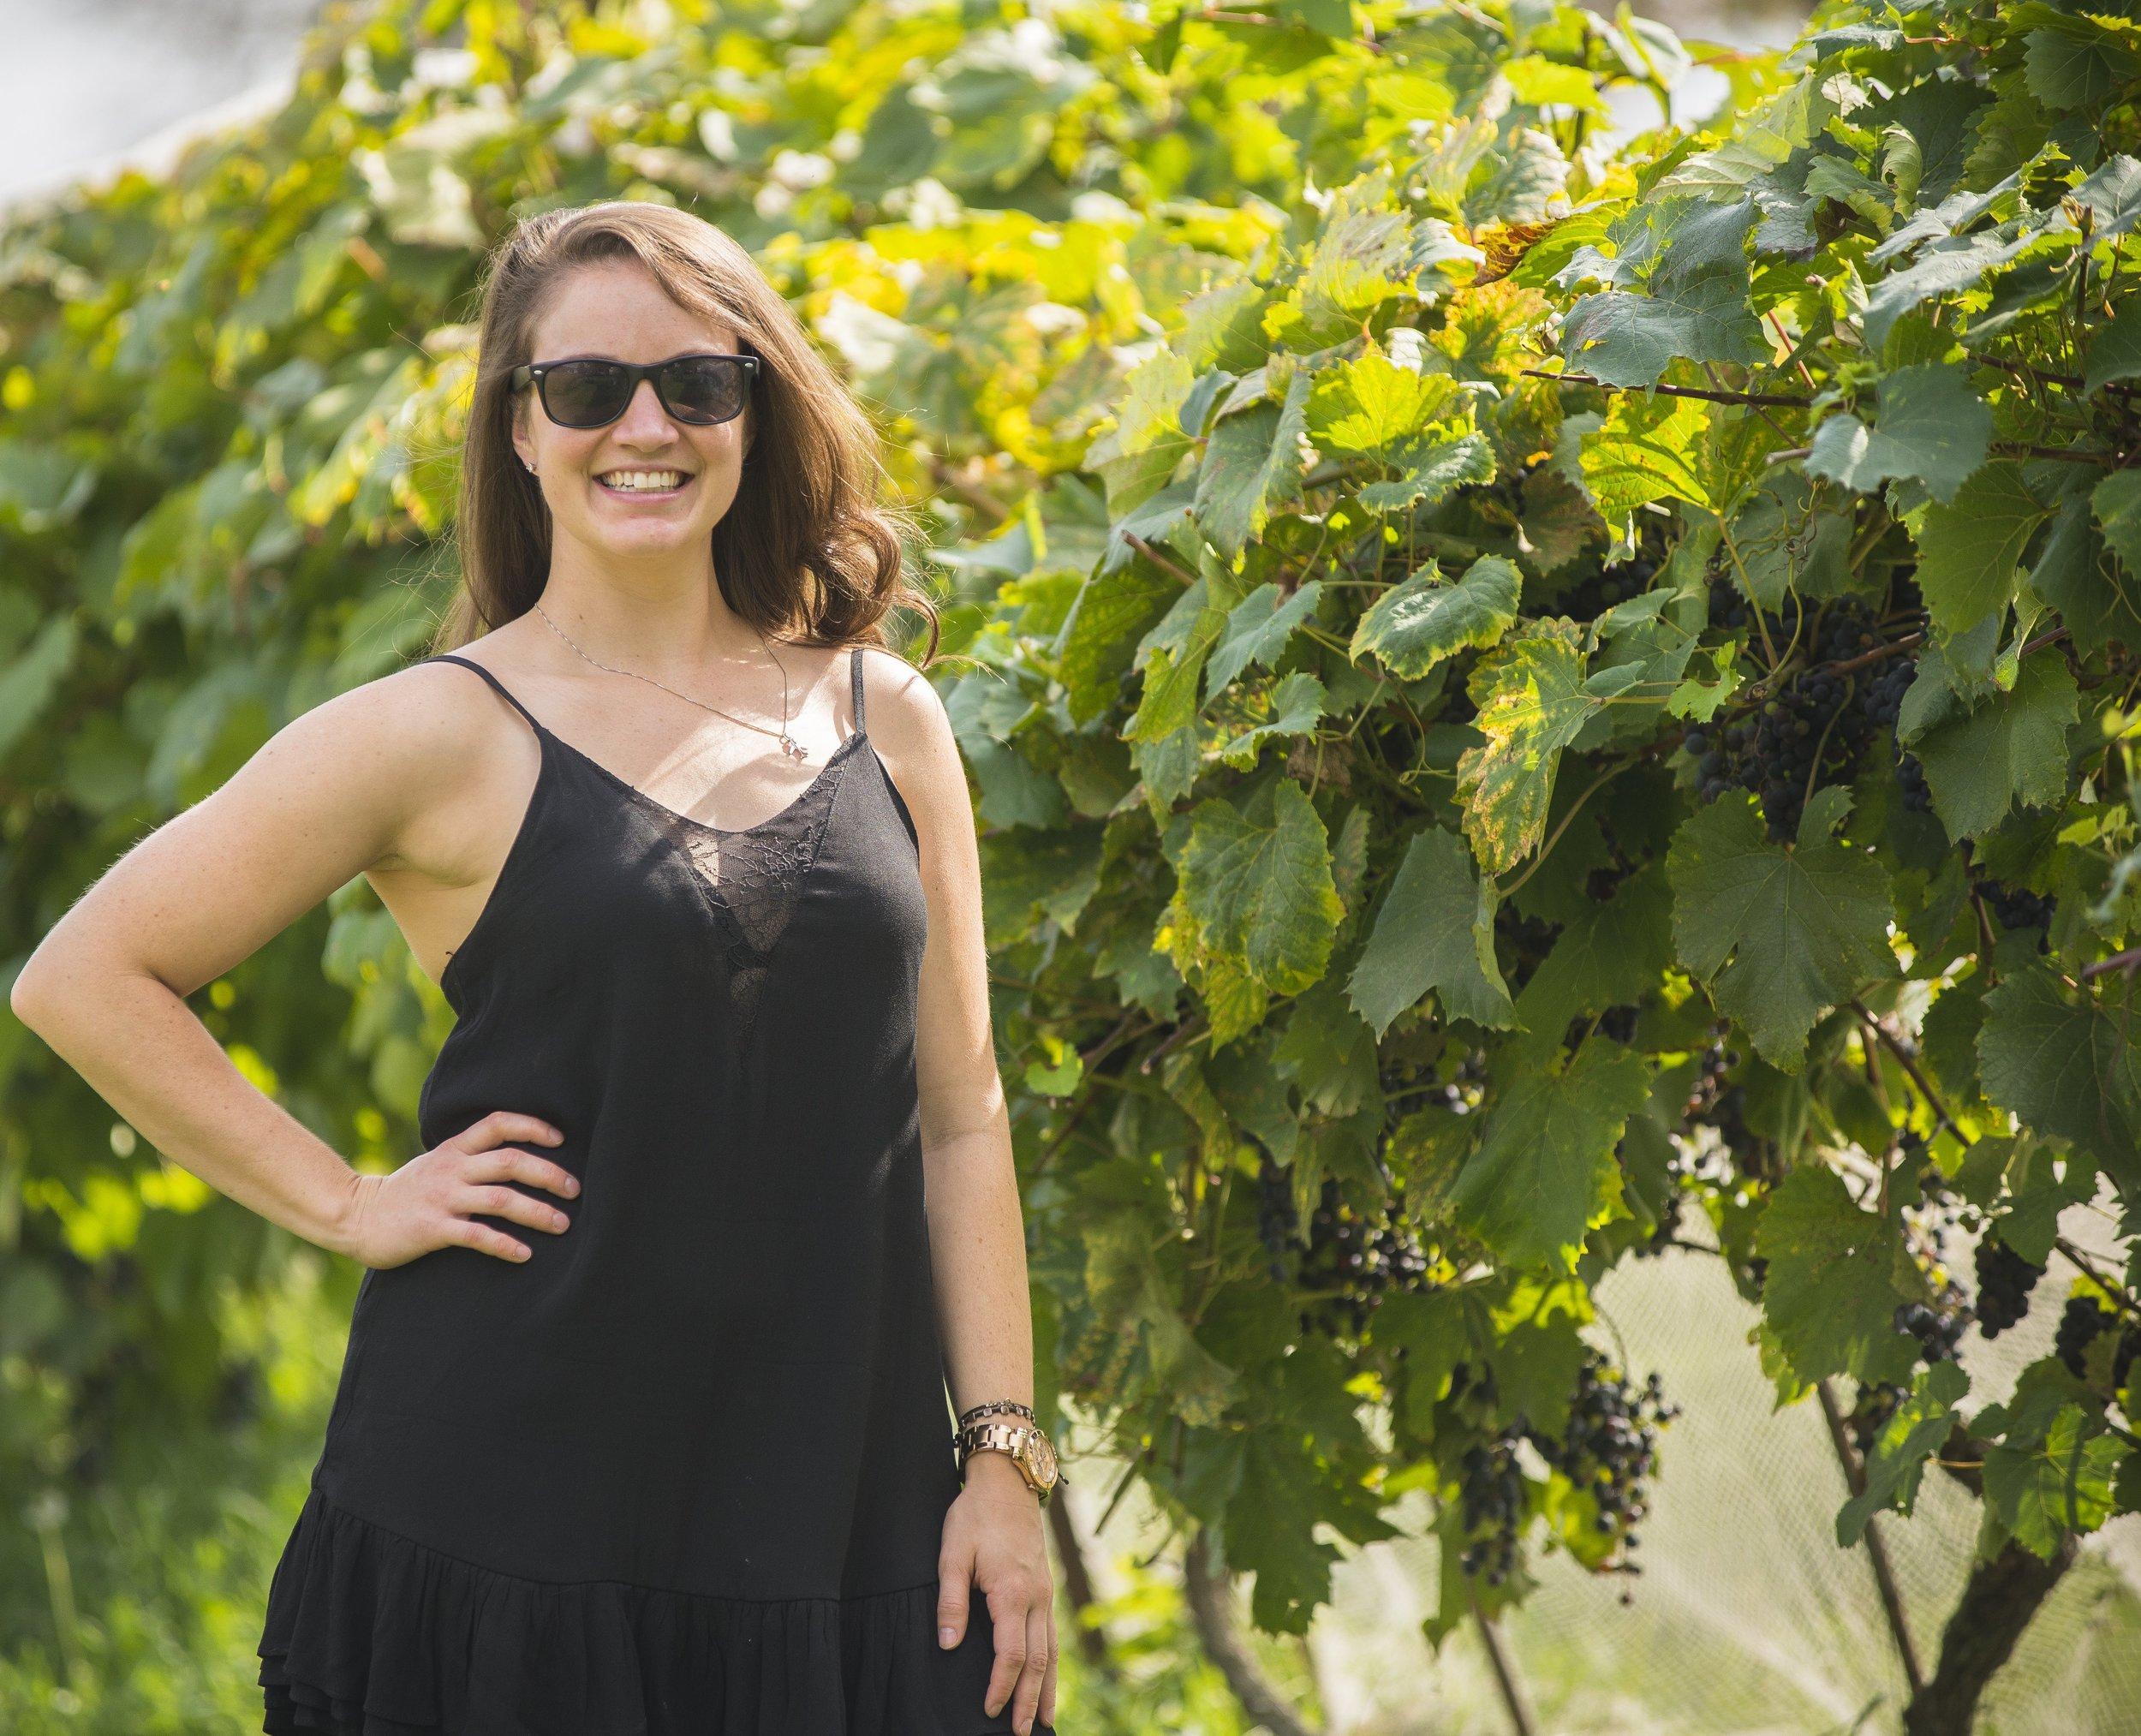 Vigneronne / Conjointe - Anne Grenon - Née à Orléans, elle travaille à temps plein comme infirmière autorisée à l'Institut de cardiologie de l'Université d'Ottawa. Elle a commencé à travailler au vignoble avec Jan-Daniel en 2012. Suite à sa décision d'en apprendre davantage sur la culture des raisins, elle part travailler à Hawke`s Bay en Nouvelle-Zélande en 2012 et à nouveau en 2014.